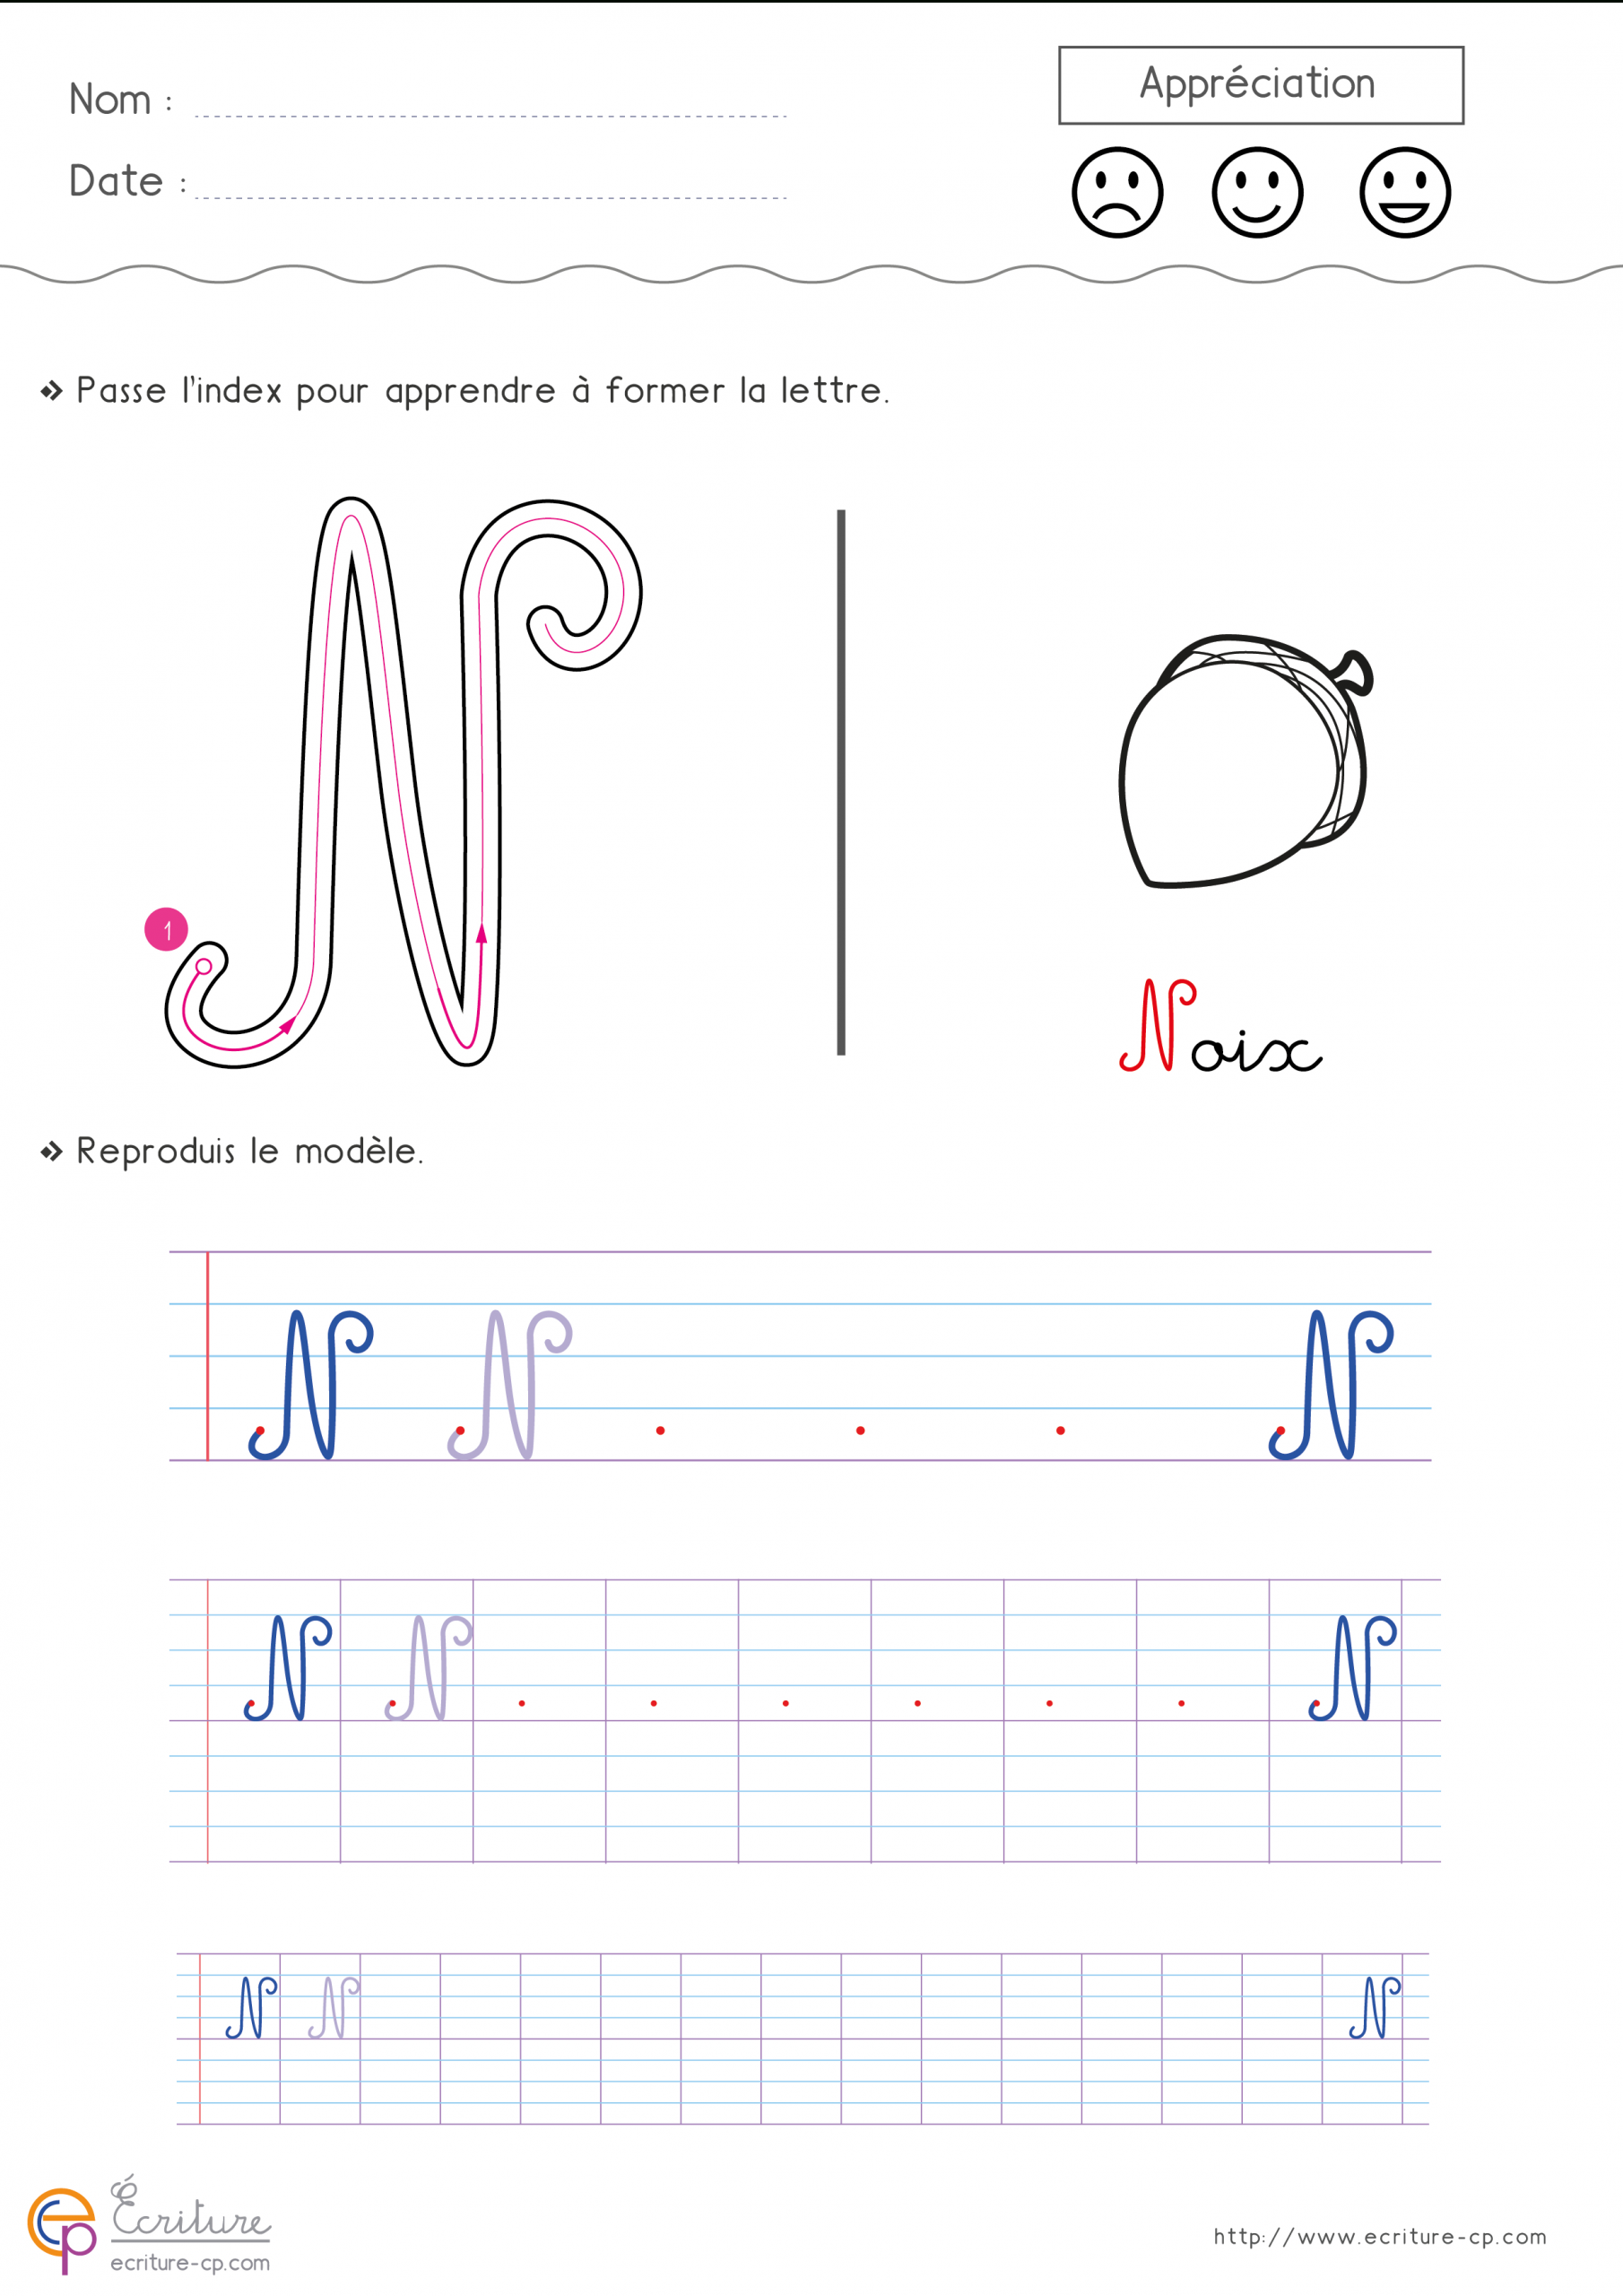 Écrire L'alphabet Majuscule Cursive Cp Ce1 | Fiche D tout Écriture Des Lettres Majuscules